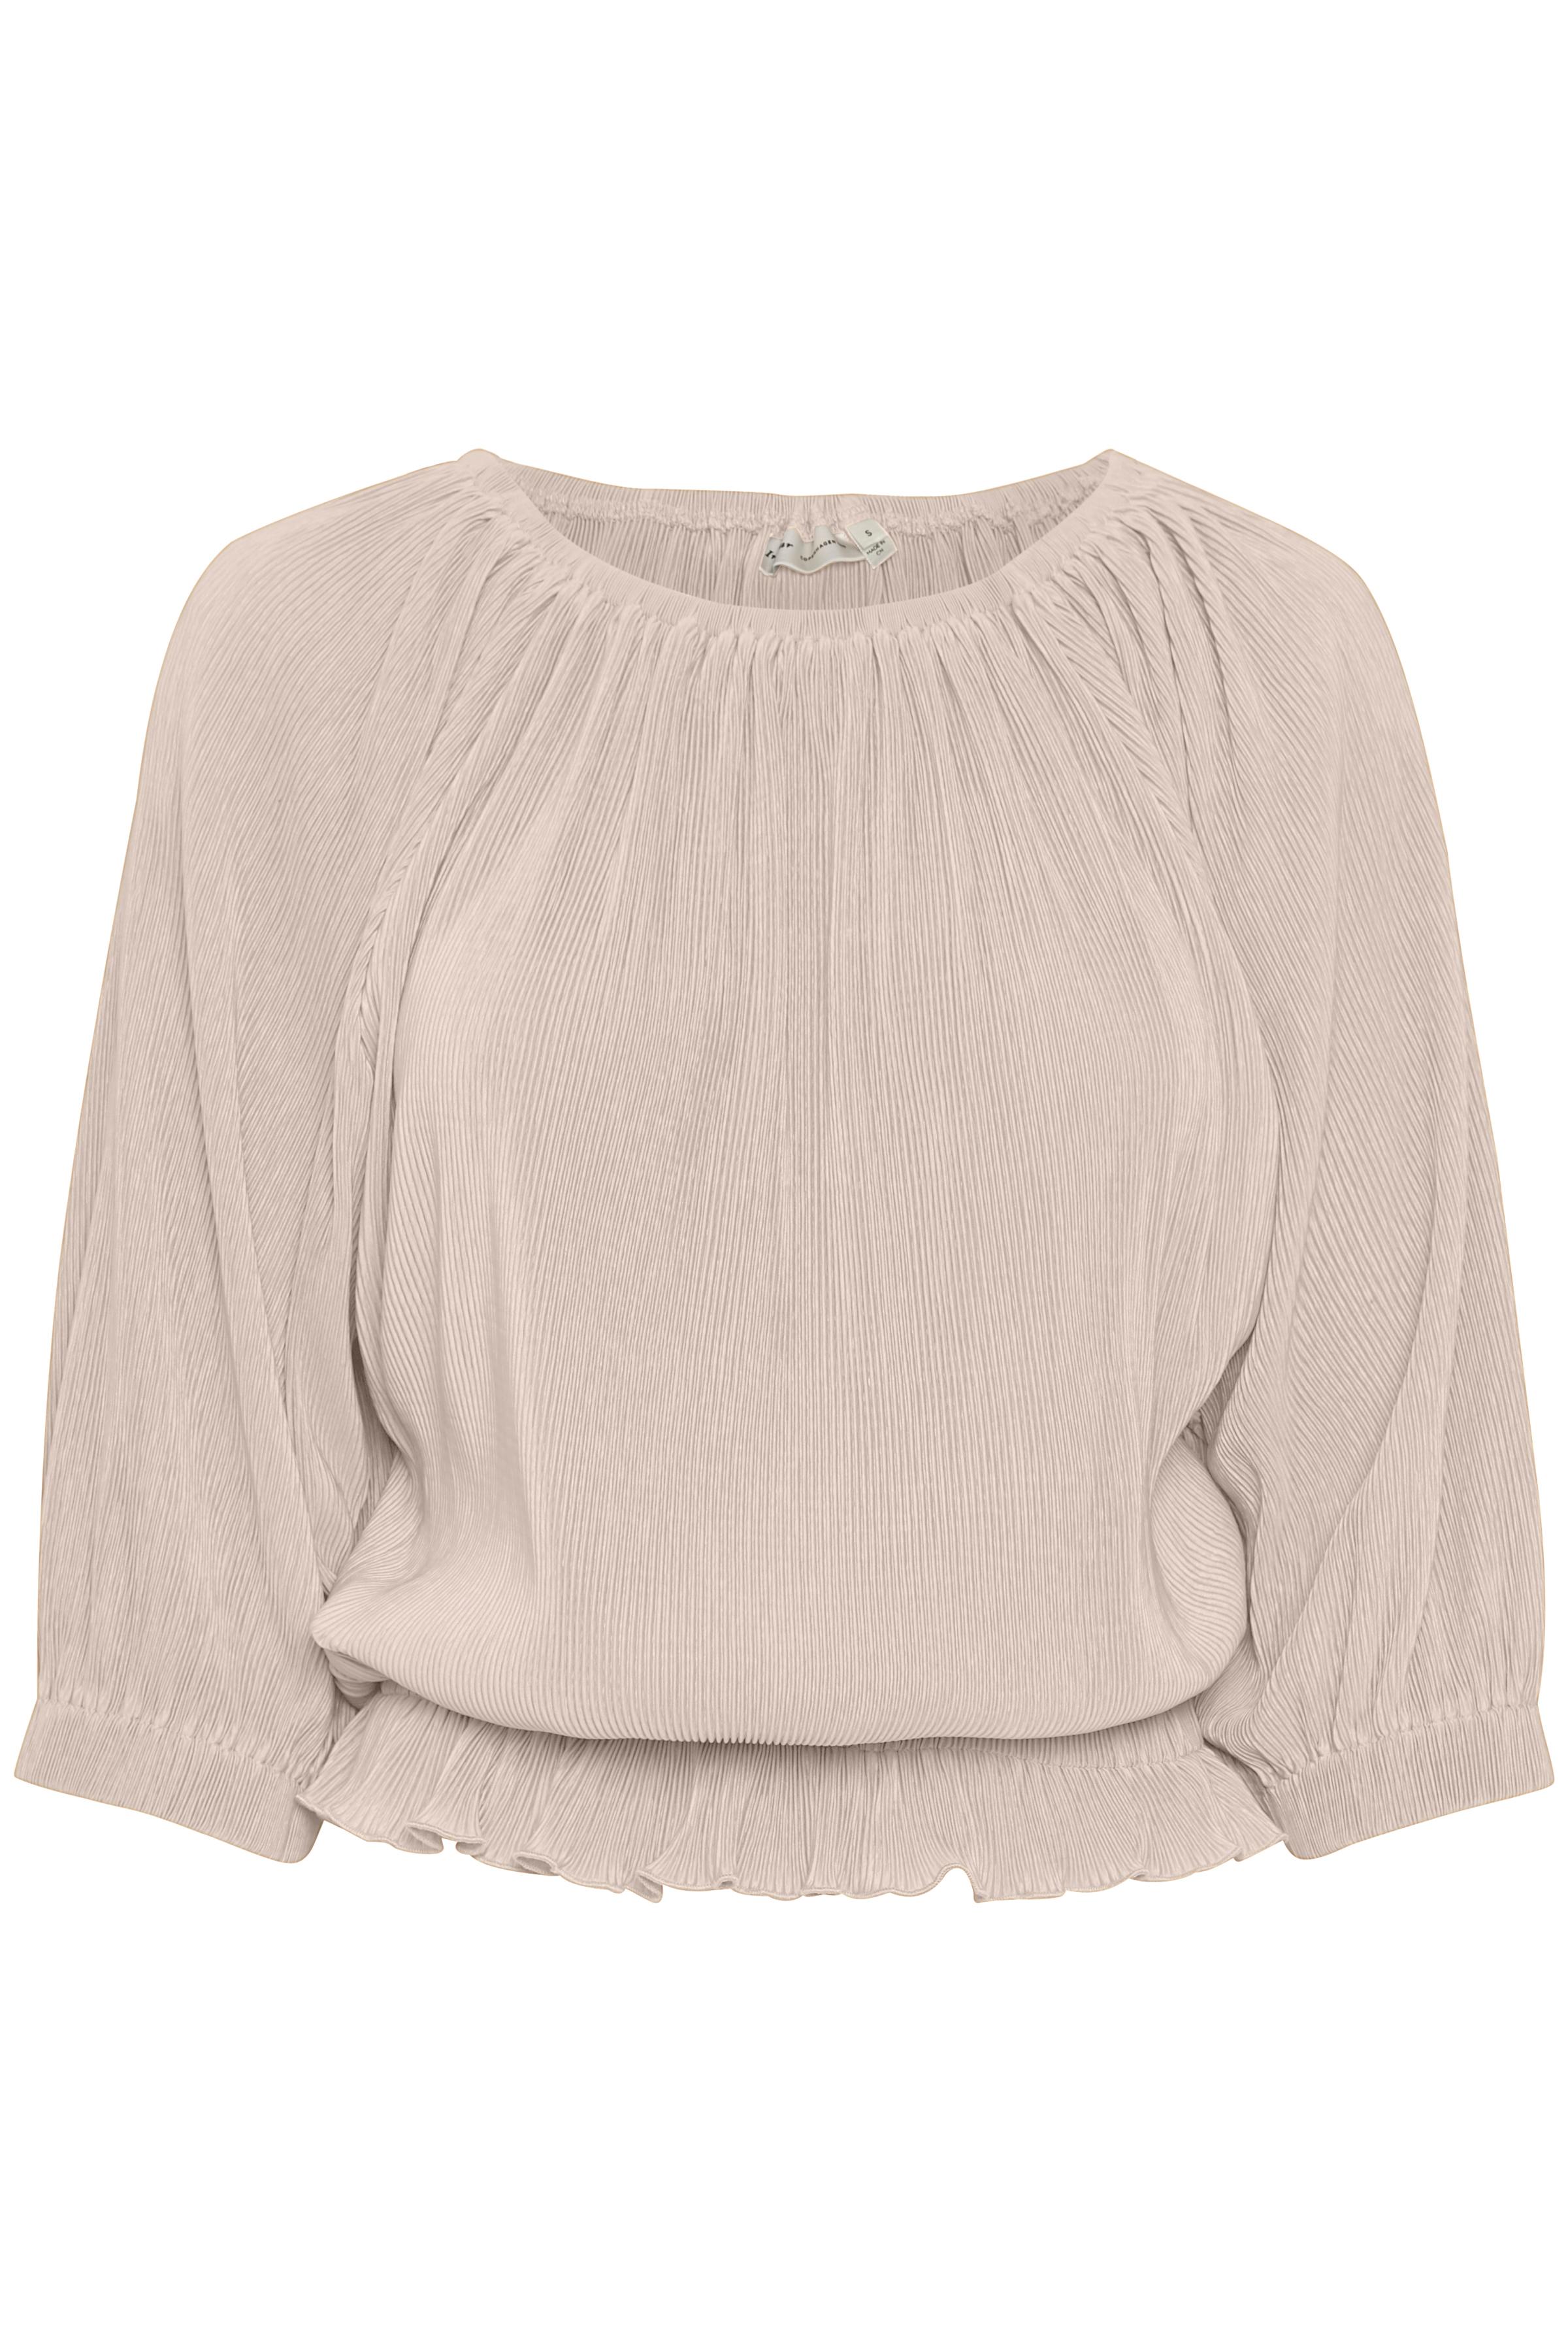 French Nougat Langærmet T-shirt – Køb French Nougat Langærmet T-shirt fra str. XXS-XL her